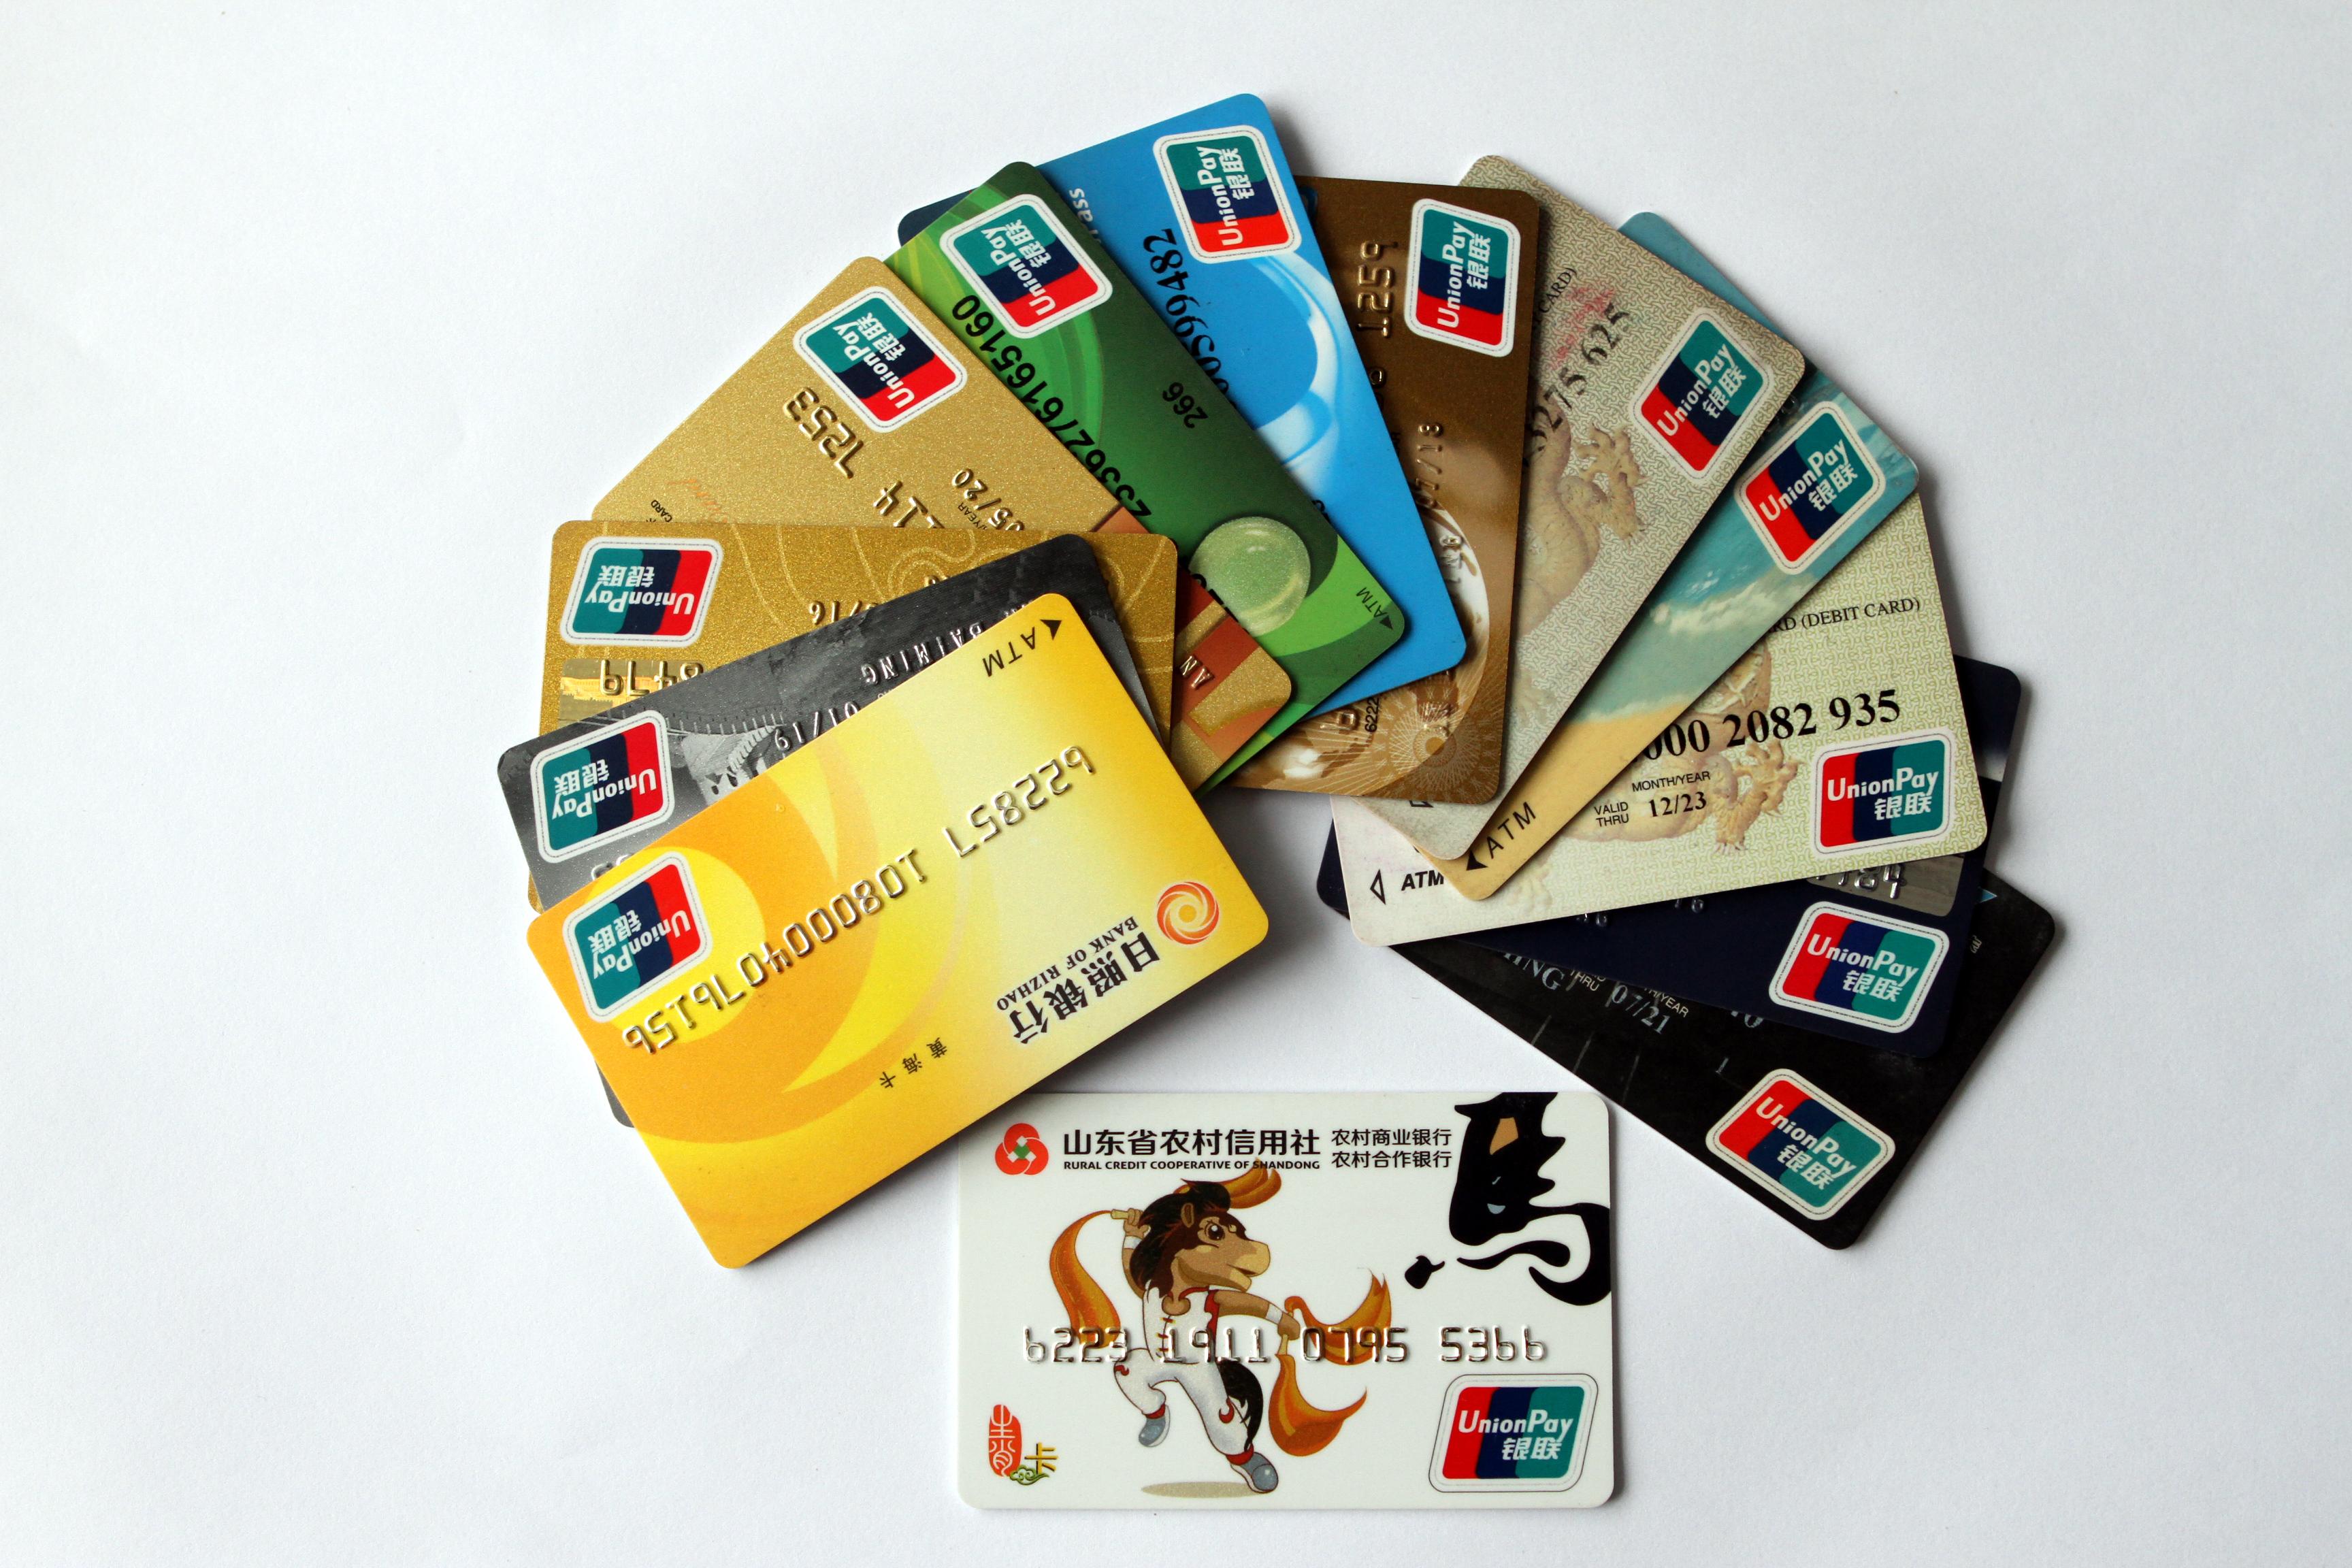 什么是双币信用卡和单币信用卡?它们的区别是什么?